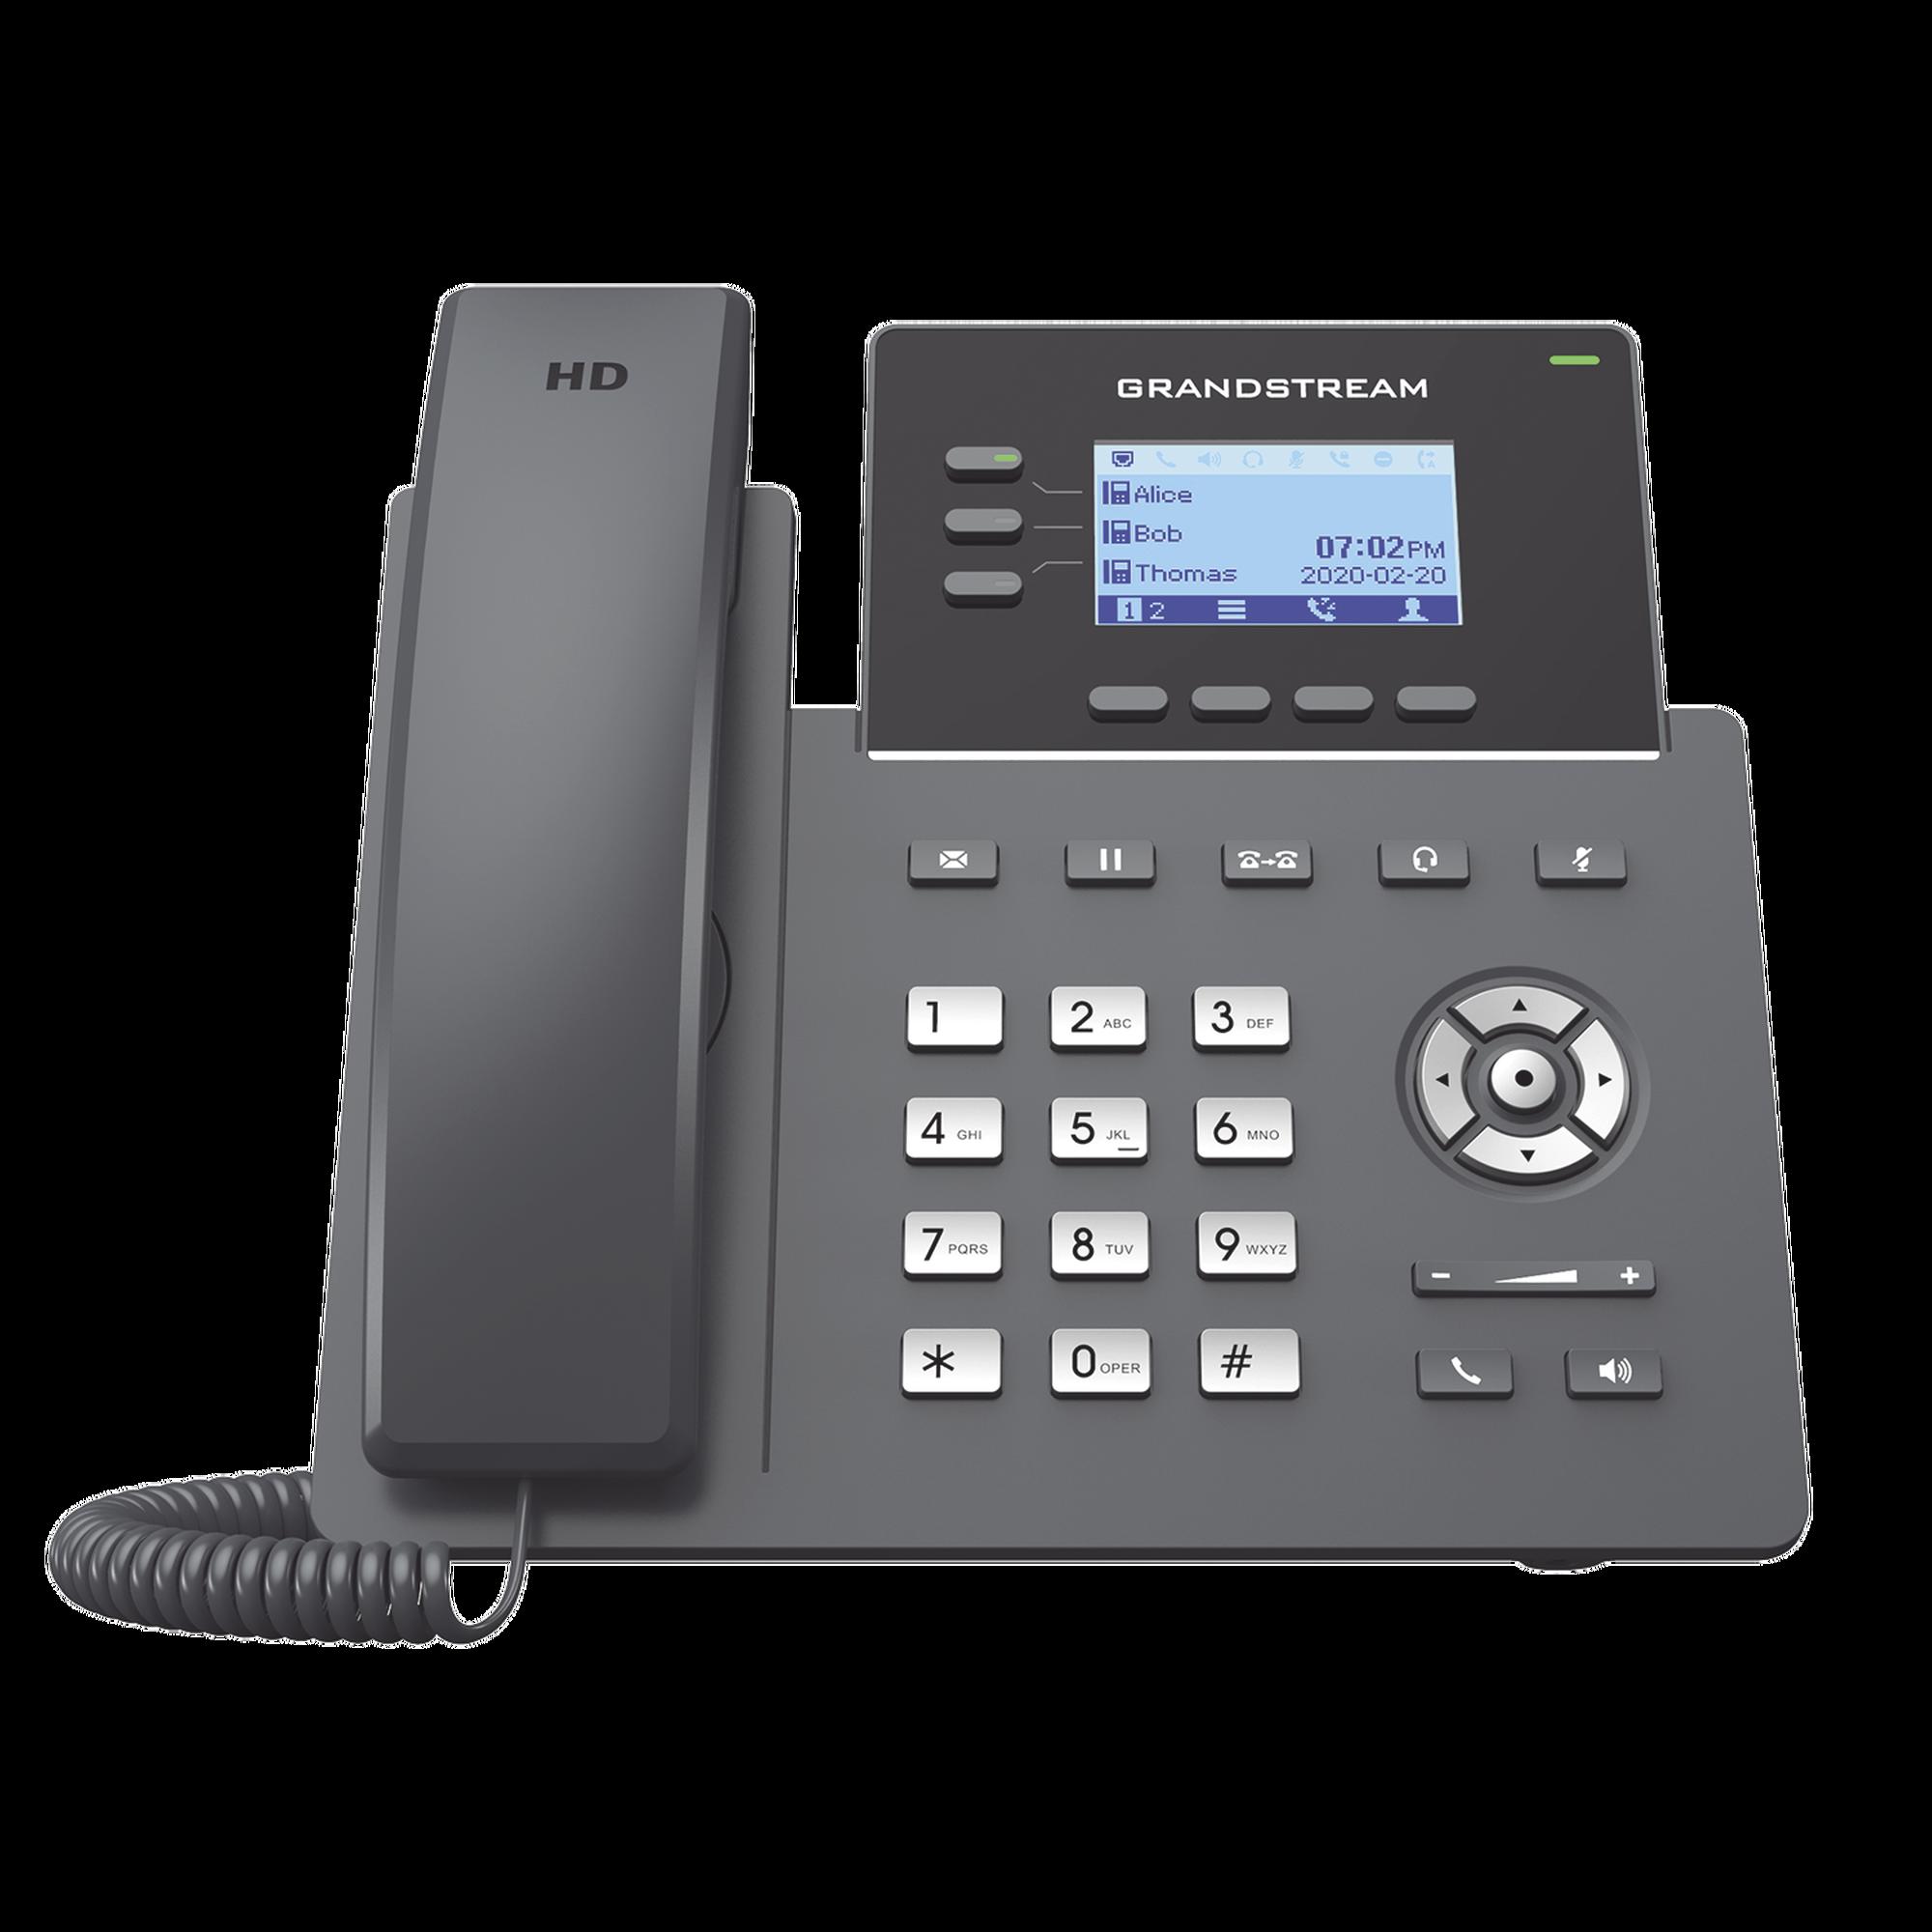 Teléfono IP Grado Operador, 3 líneas SIP con 6 cuentas, puertos Gigabit PoE, codec Opus, IPV4/IPV6 con gestión en la nube GDMS